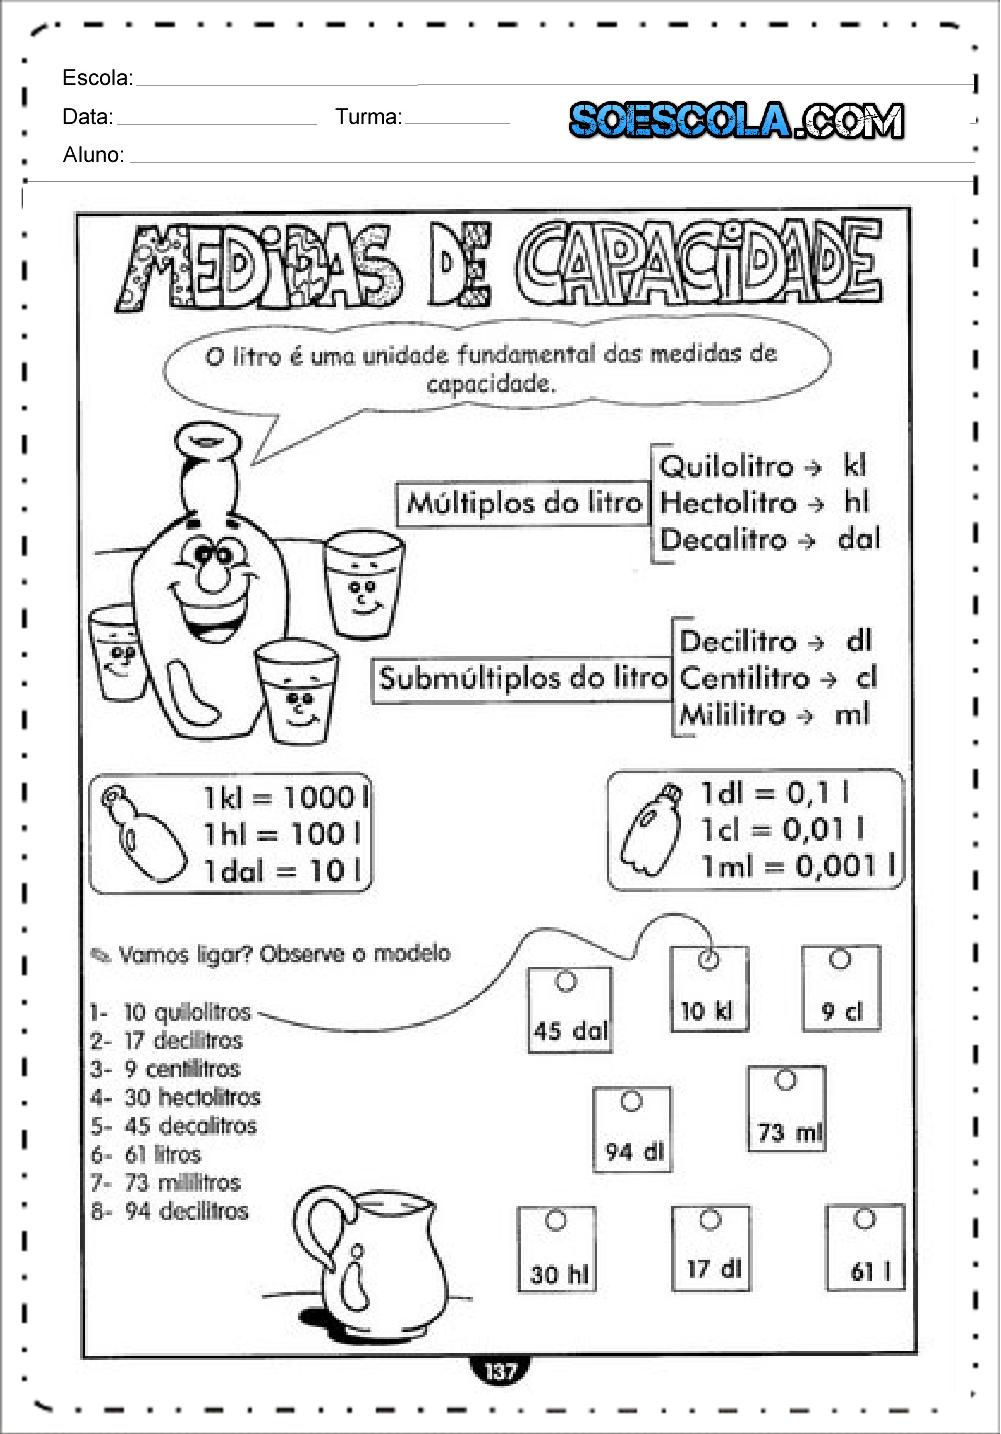 Atividades sobre Medicas de Capacidade - Para Imprimir